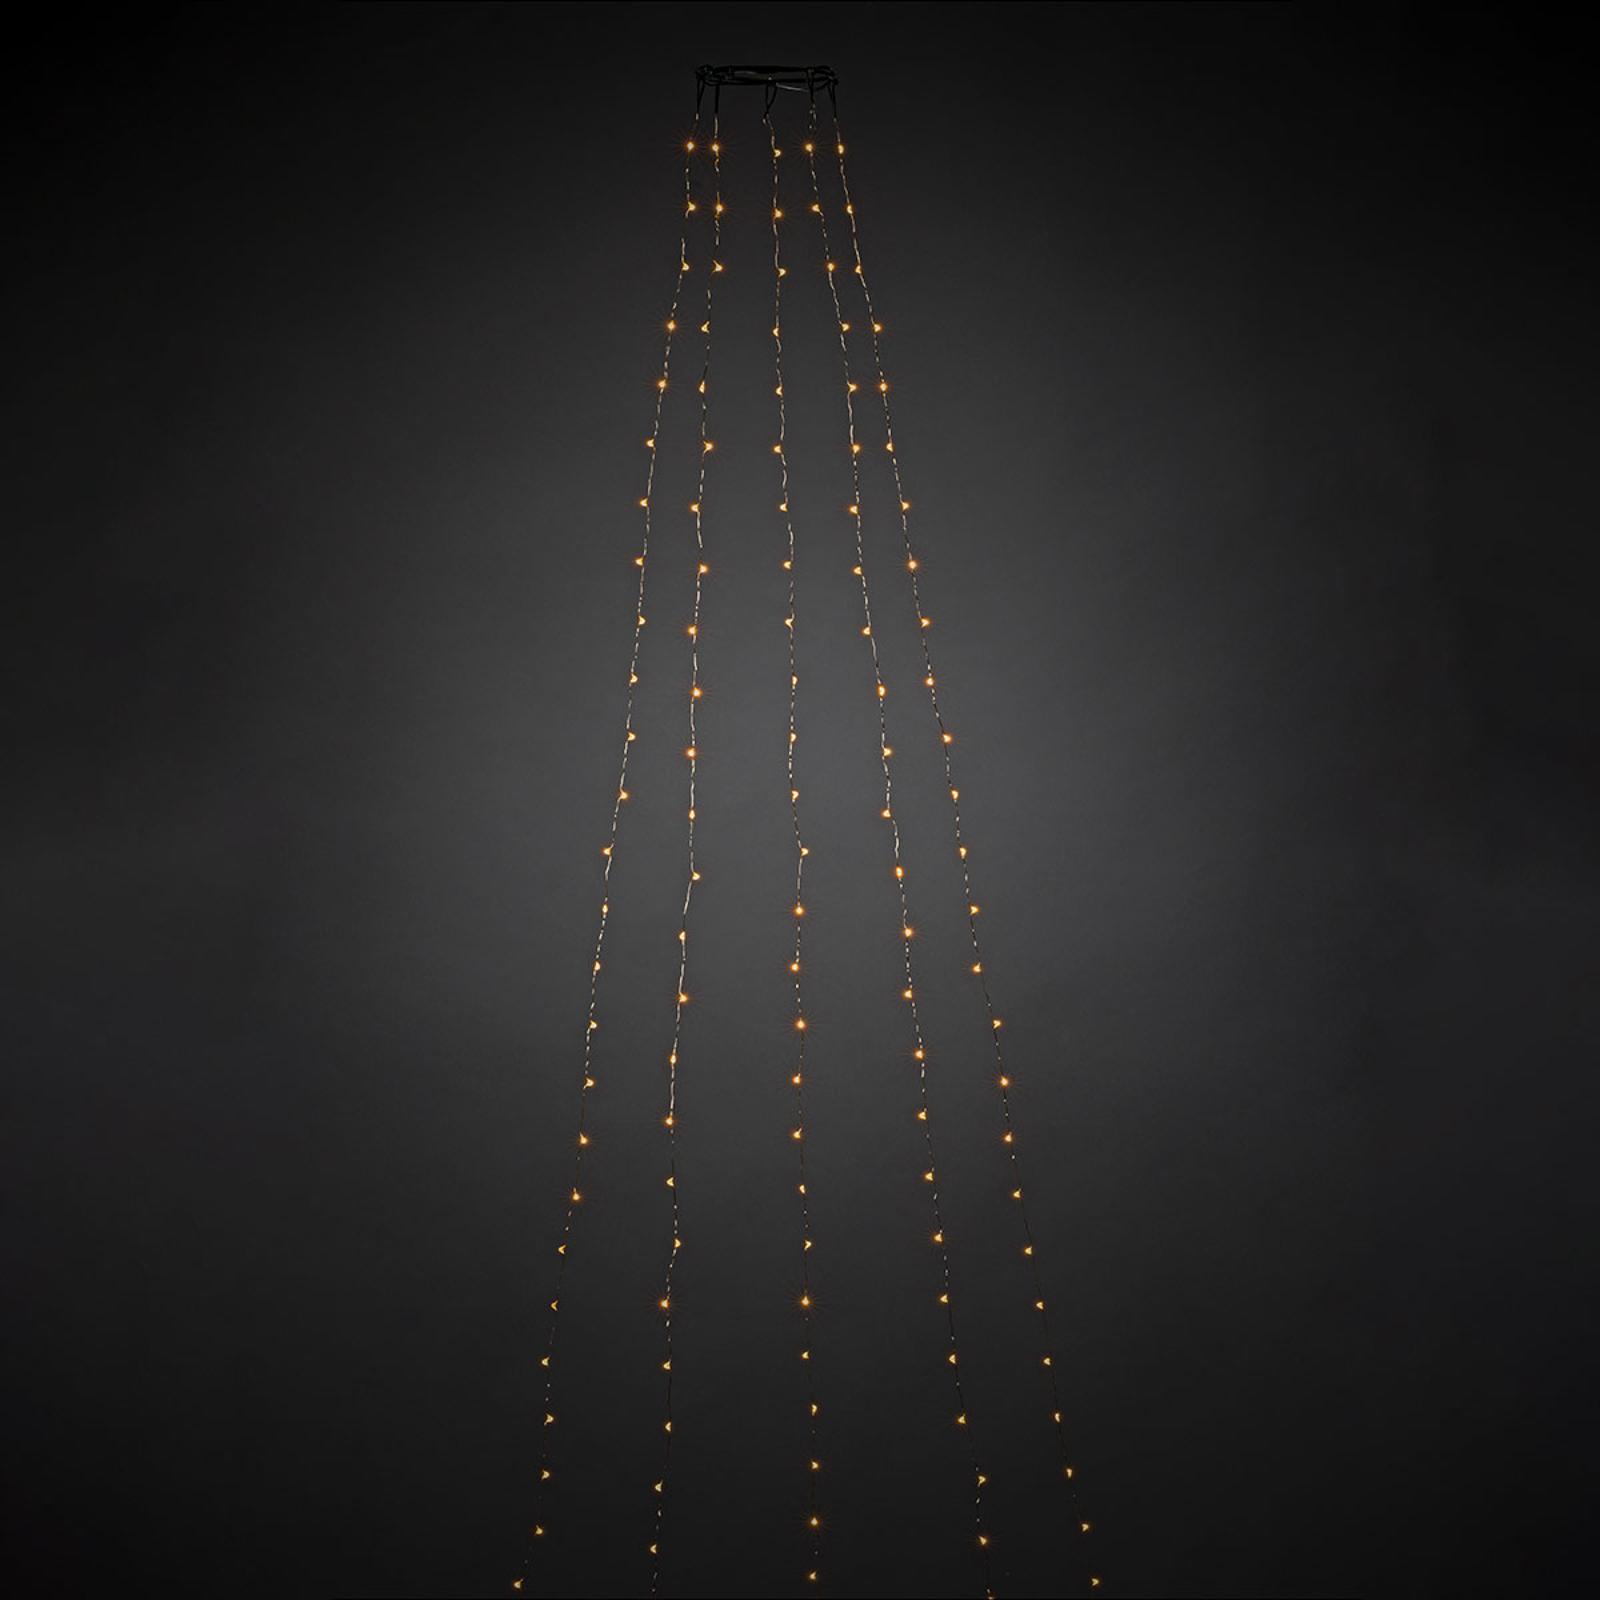 LED-julgransslinga med 180 monterade LED-droppar